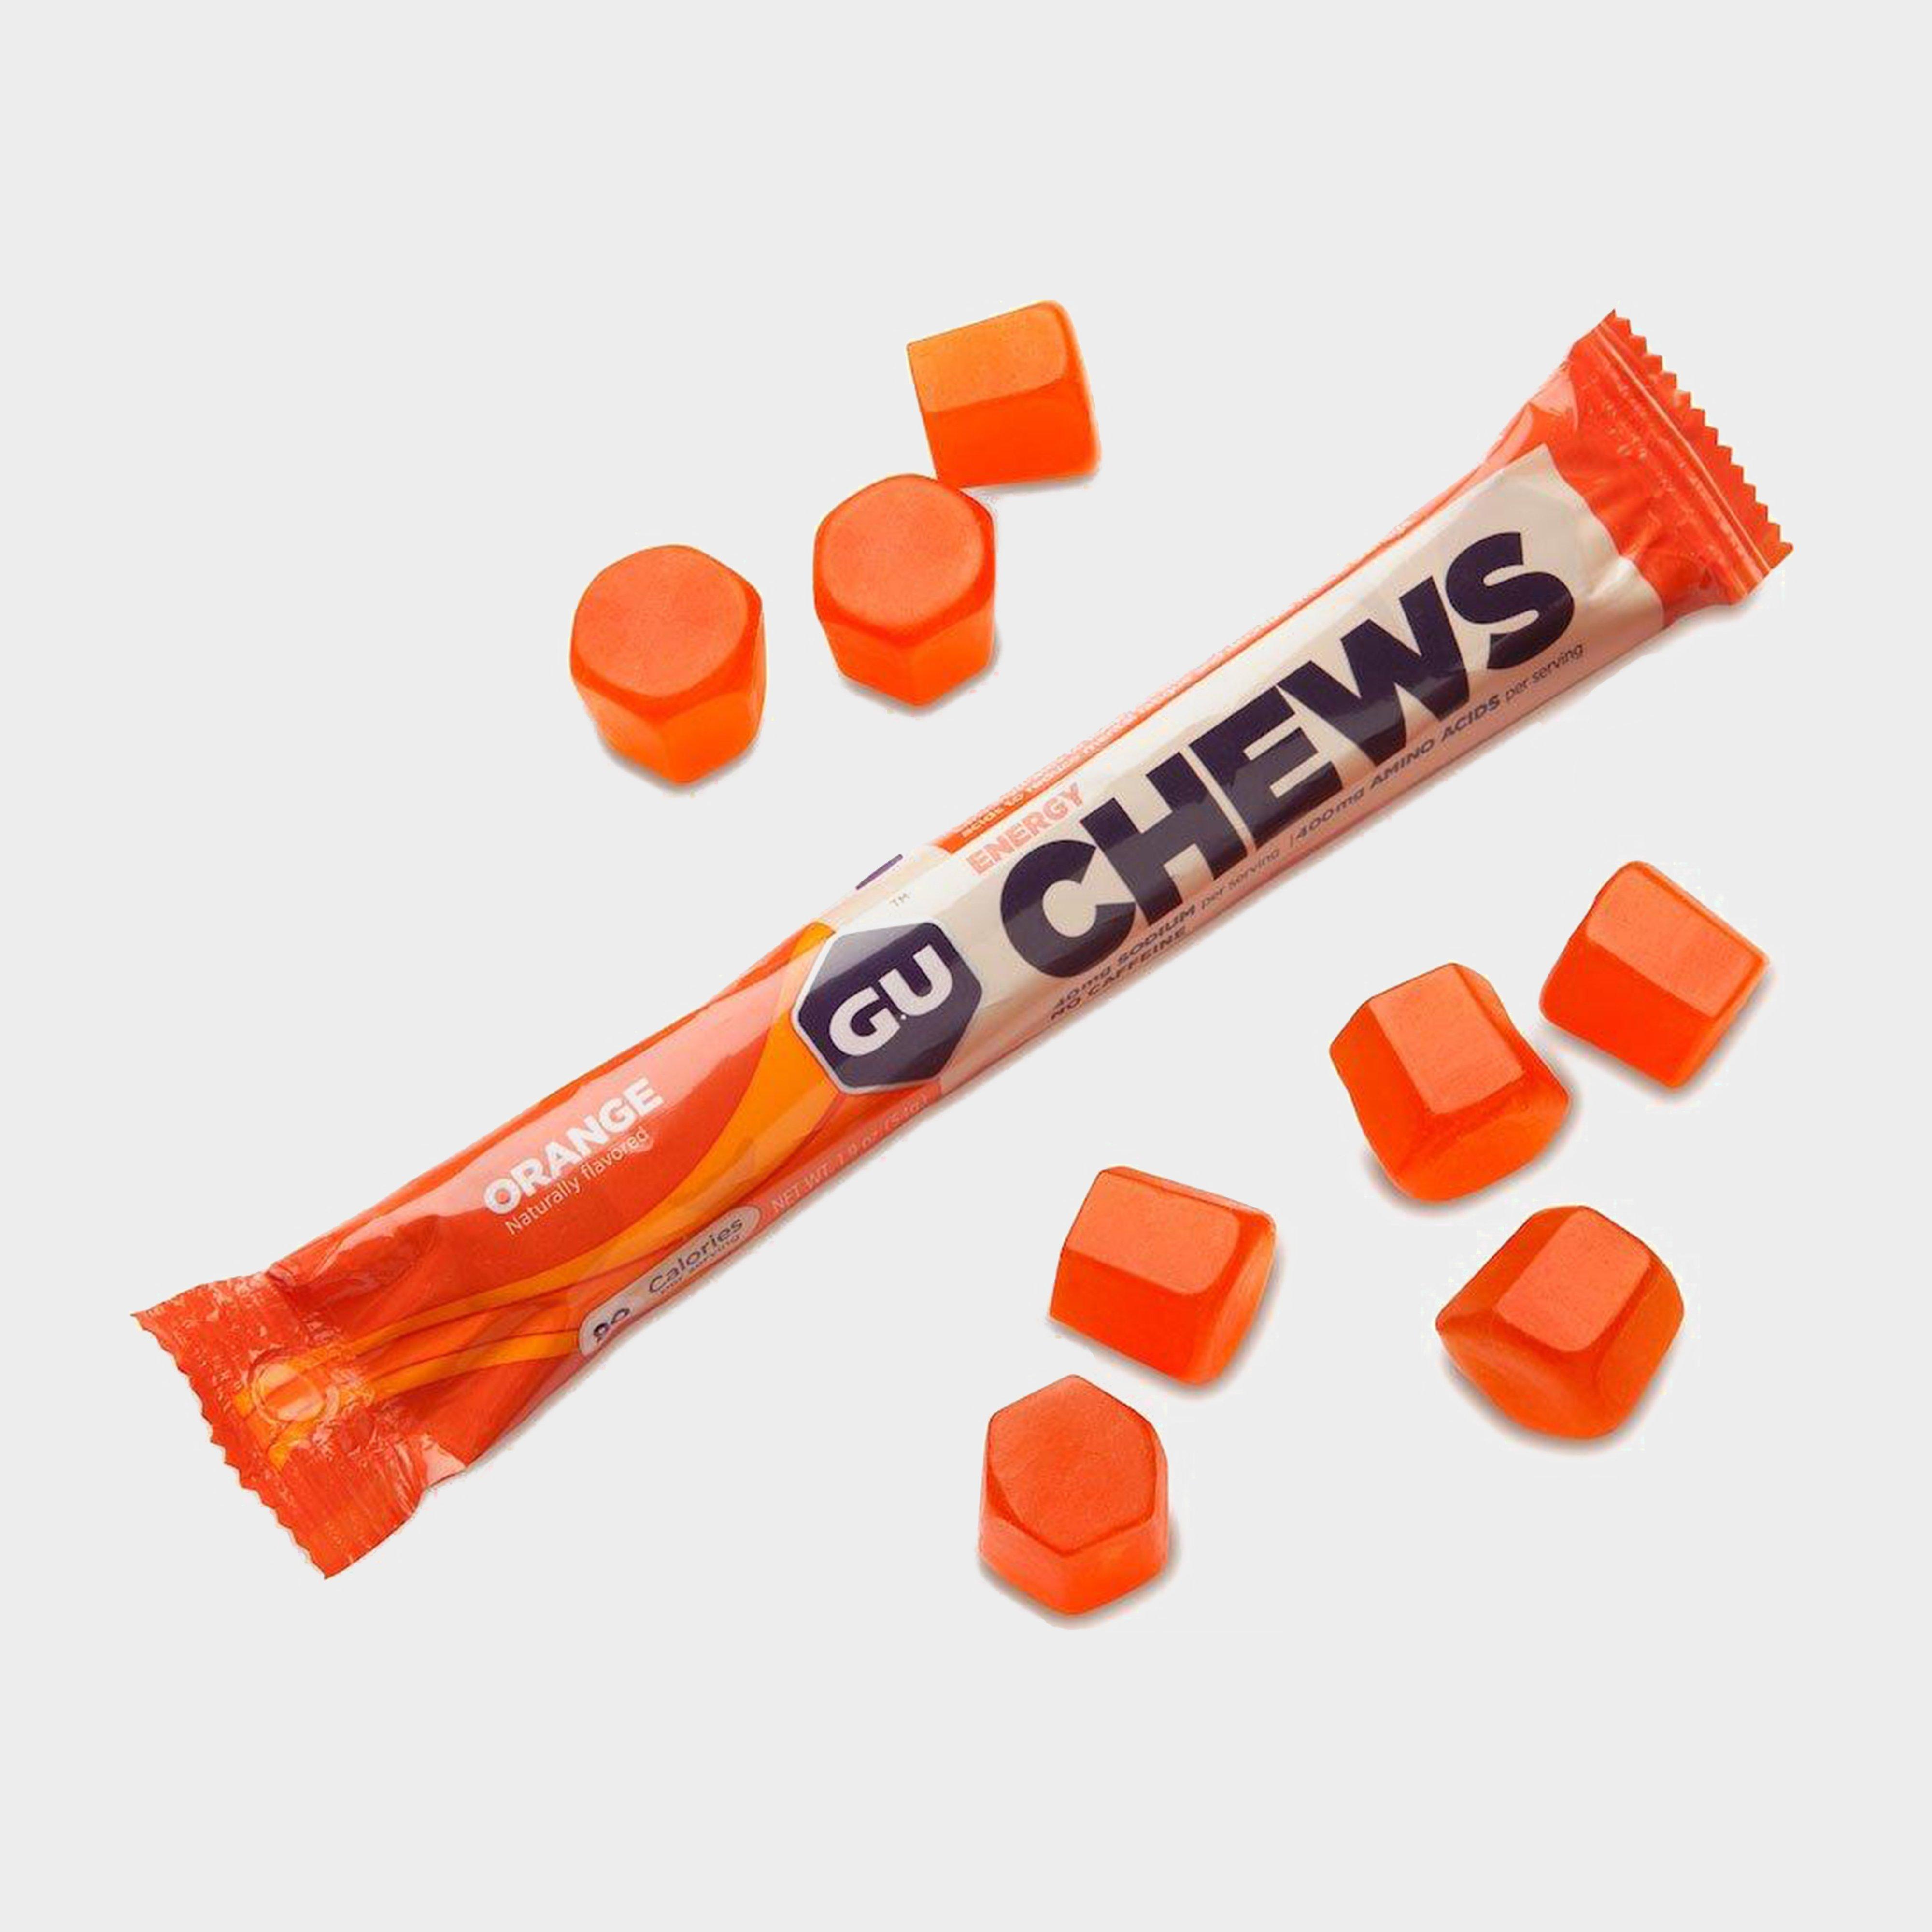 Gu Gu Energy Chews - Orange